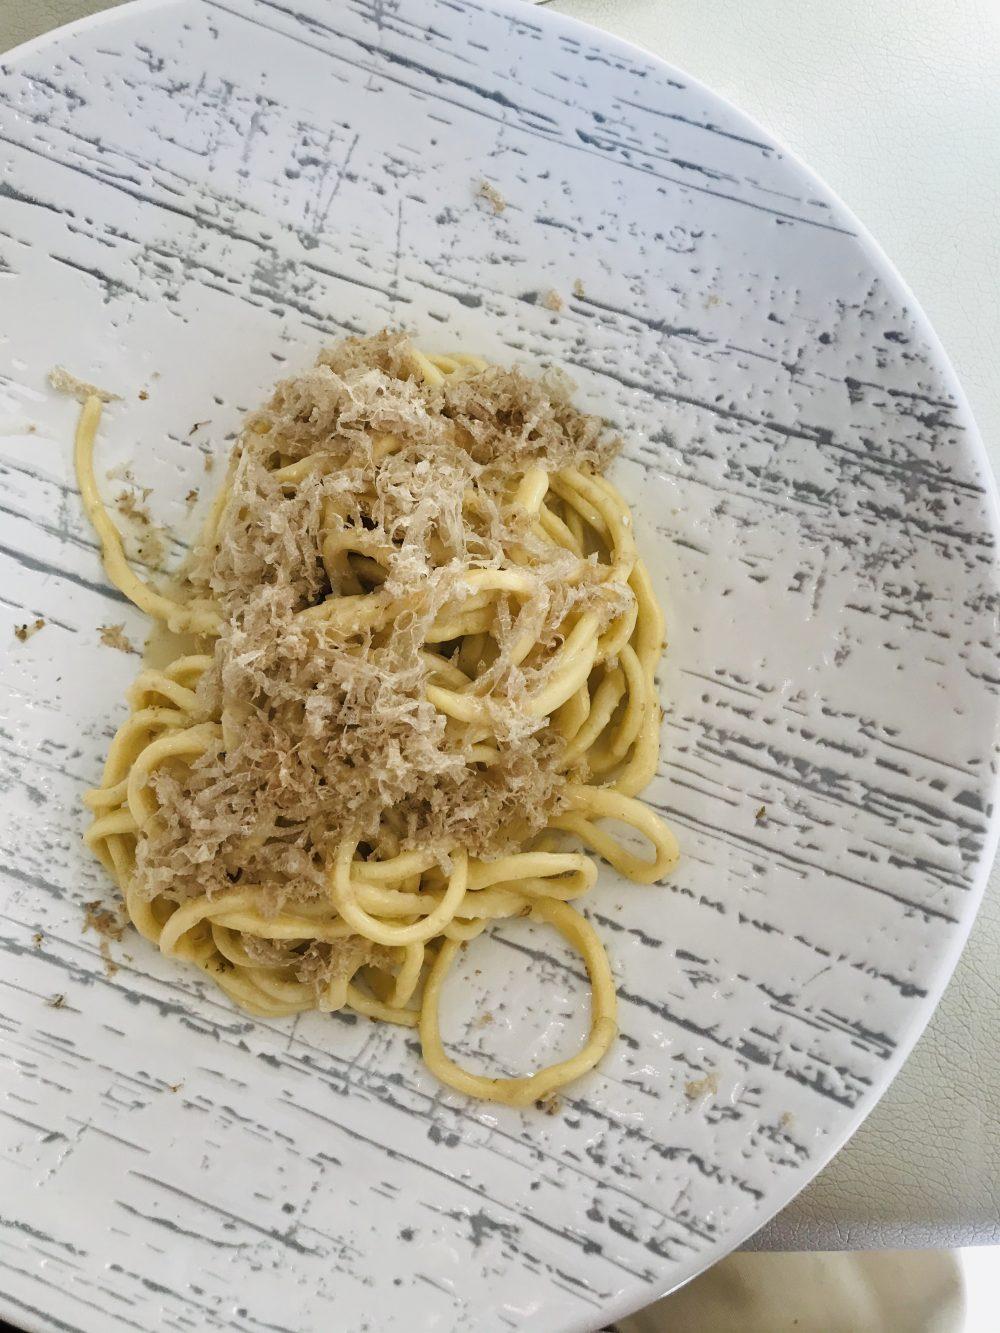 Rovy Ristorante - Tagliolini e tartufo bianco